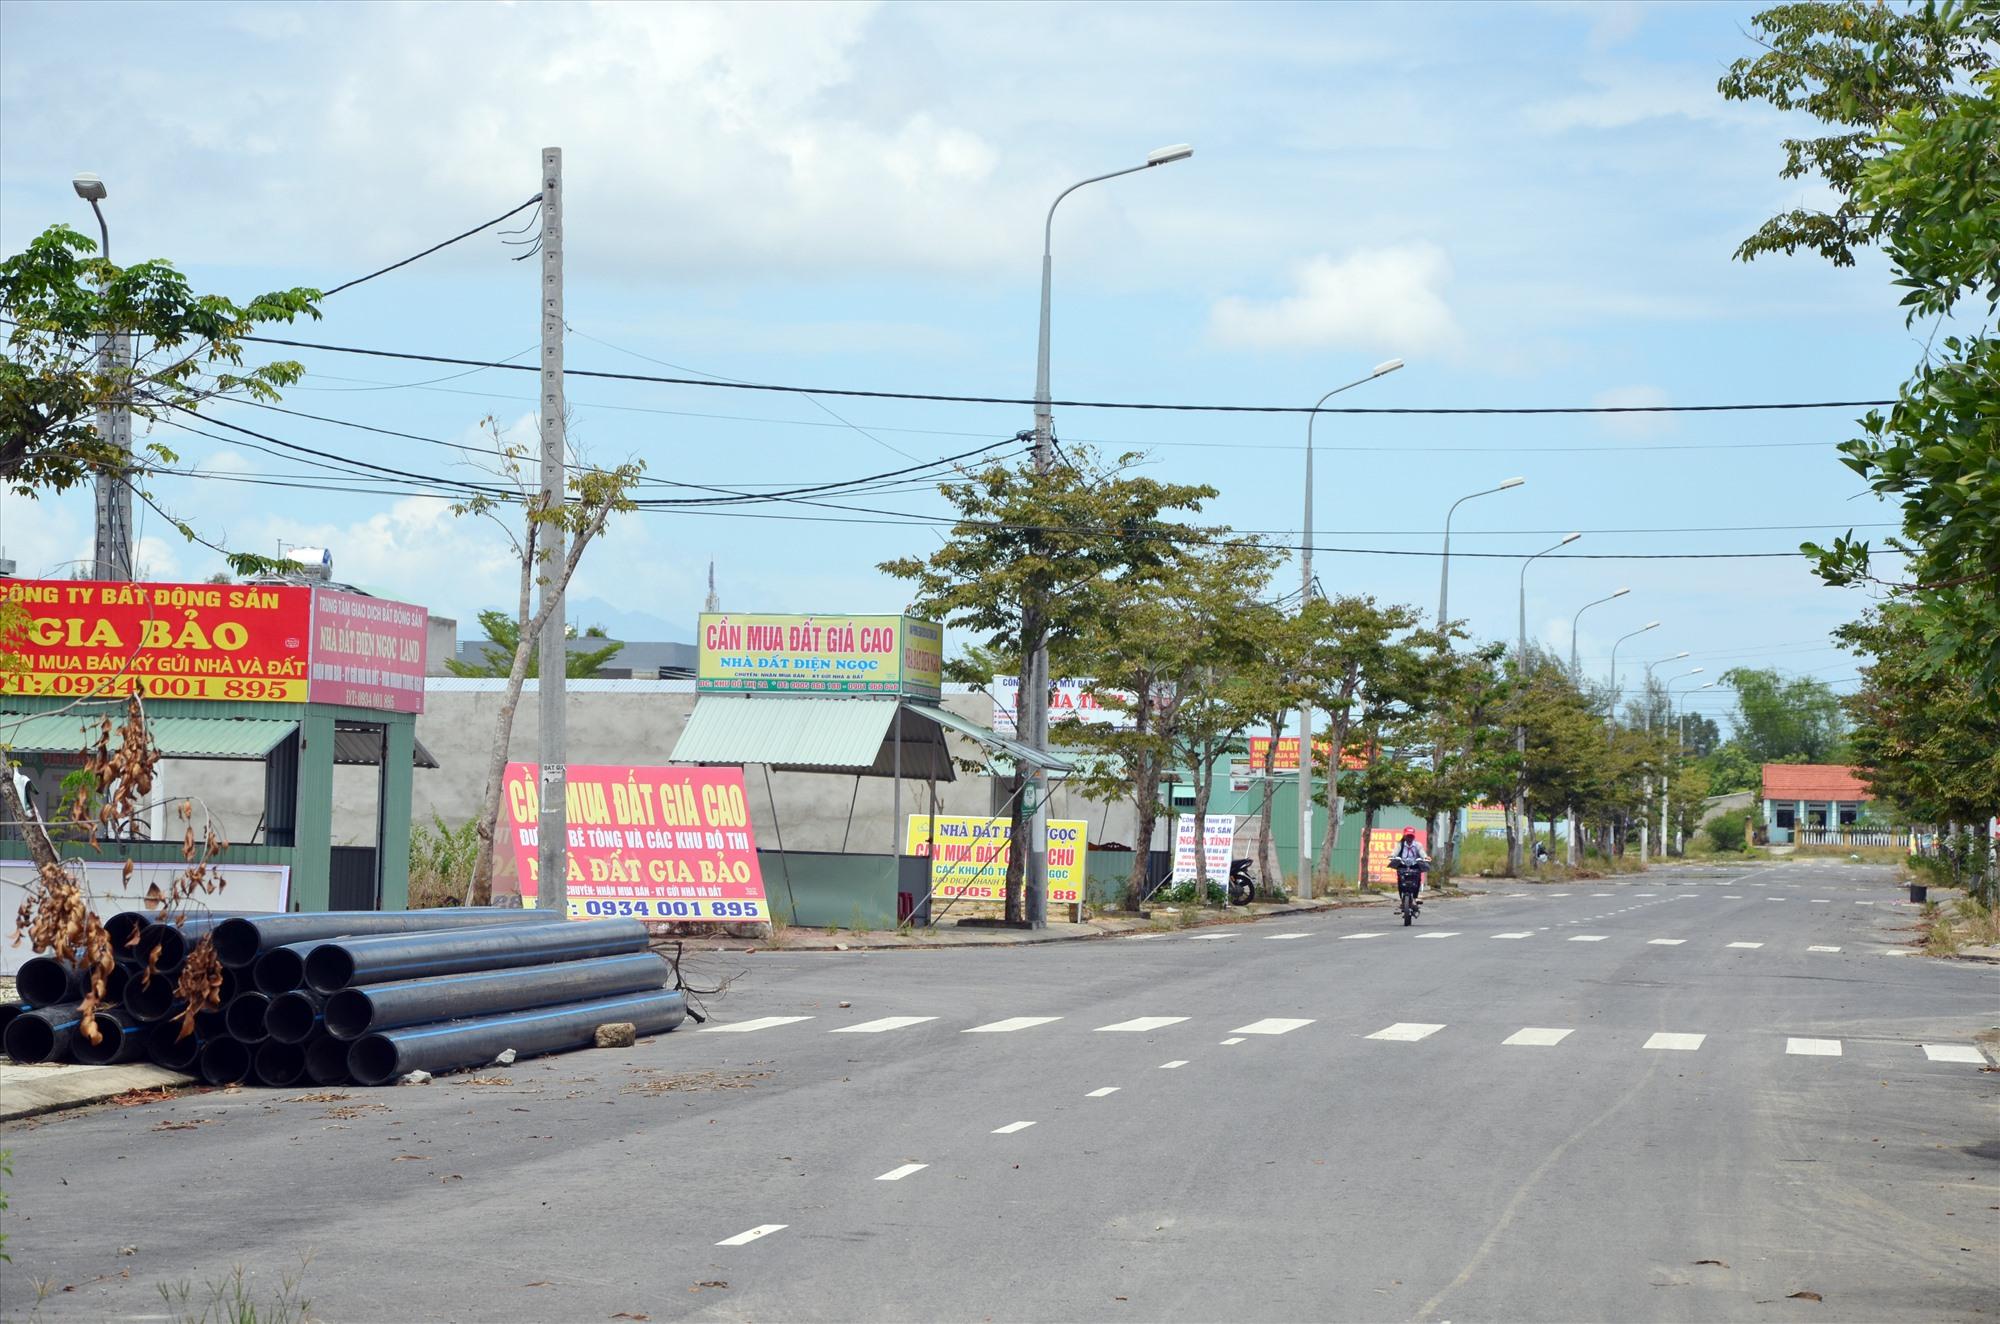 Giao dịch đất đai ở phường Điện Ngọc (thị xã Điện Bàn) diễn ra rầm rộ hồi đầu năm 2019. Ảnh: N.T